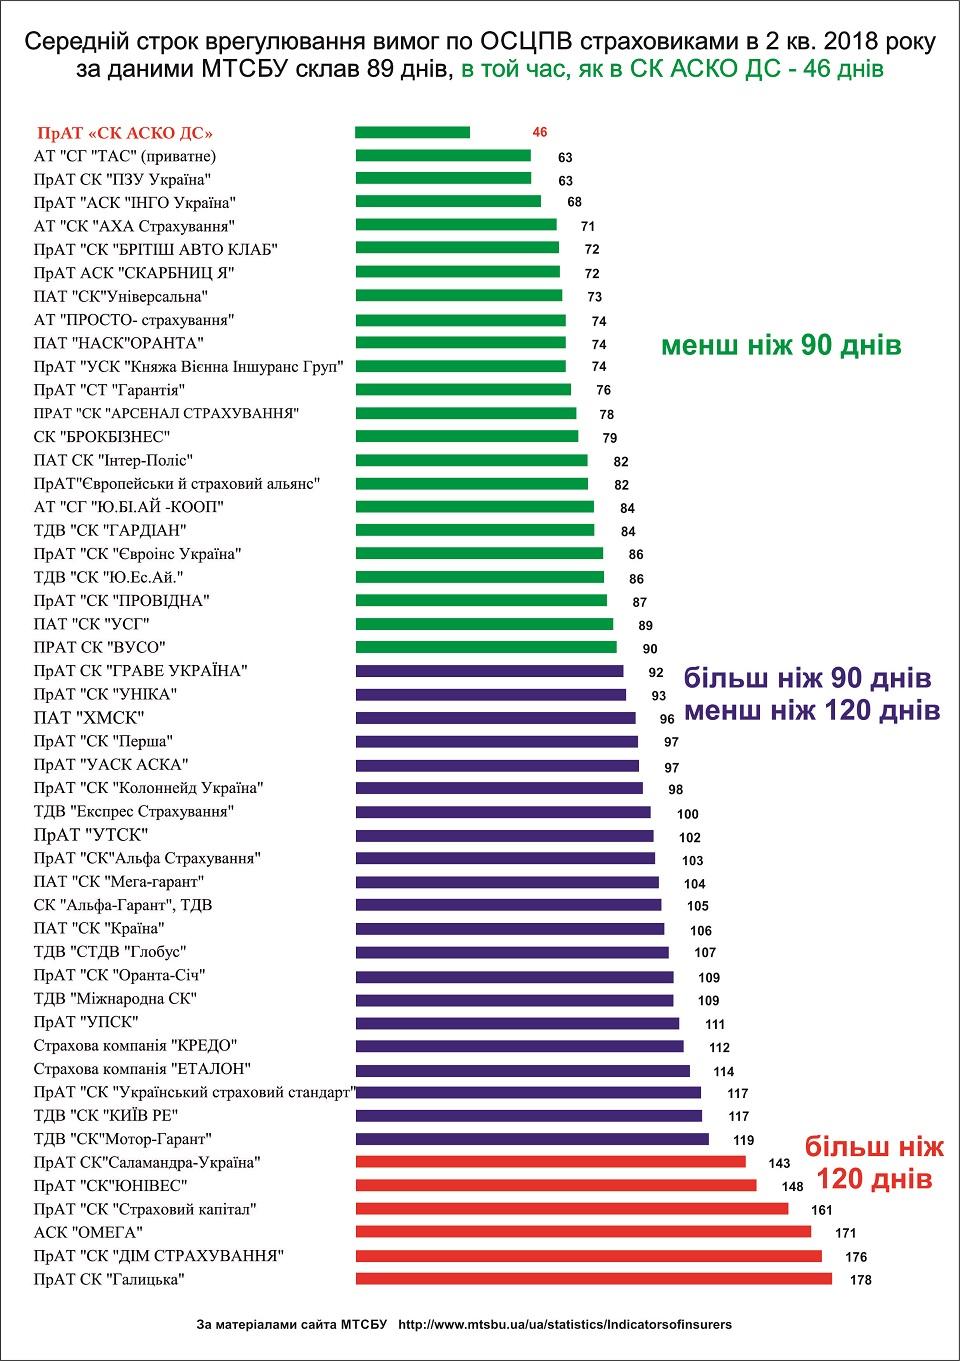 рейтинг страховщиков 2 кв. 2018